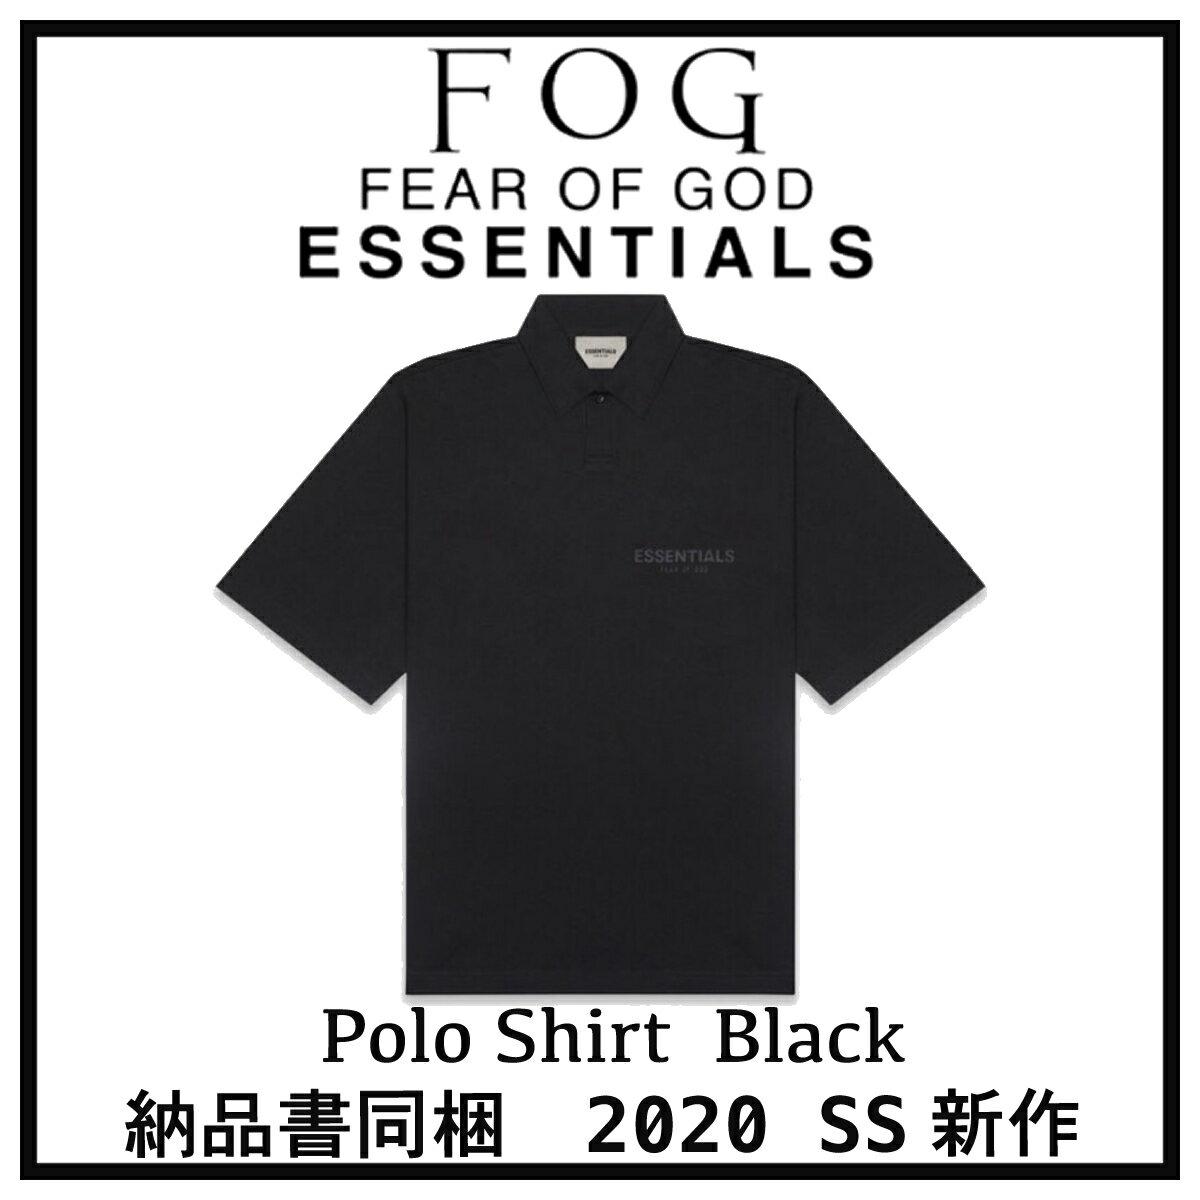 トップス, ポロシャツ 2020 FOG FEAR OF GOD ESSENTIALS